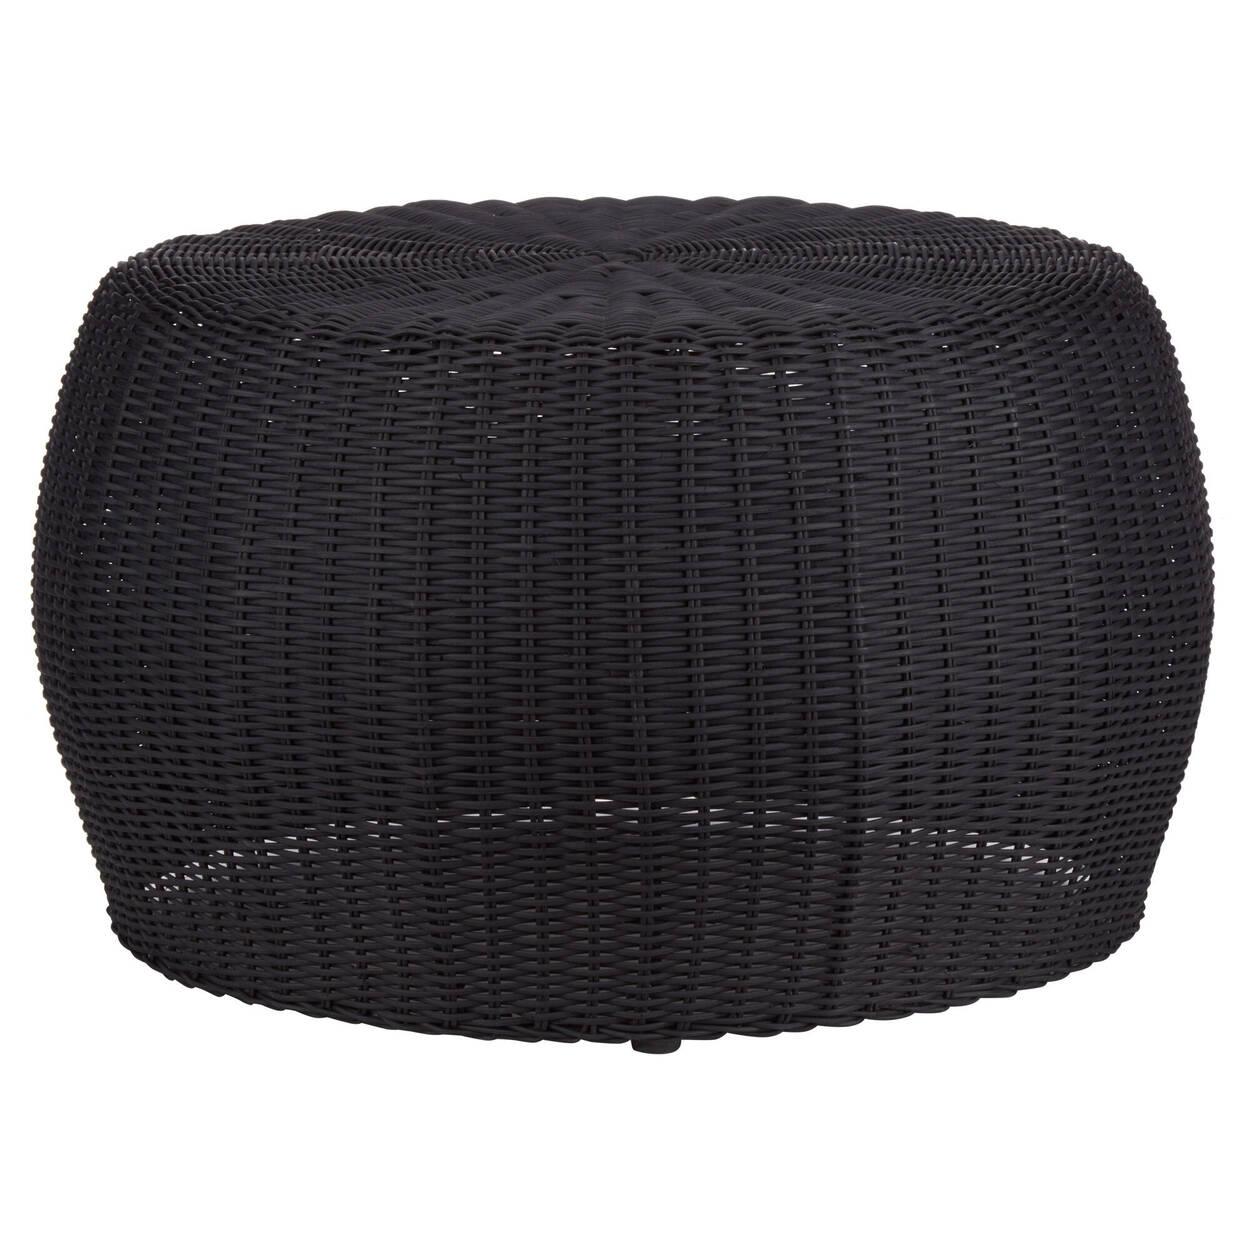 Table basse noire tissée